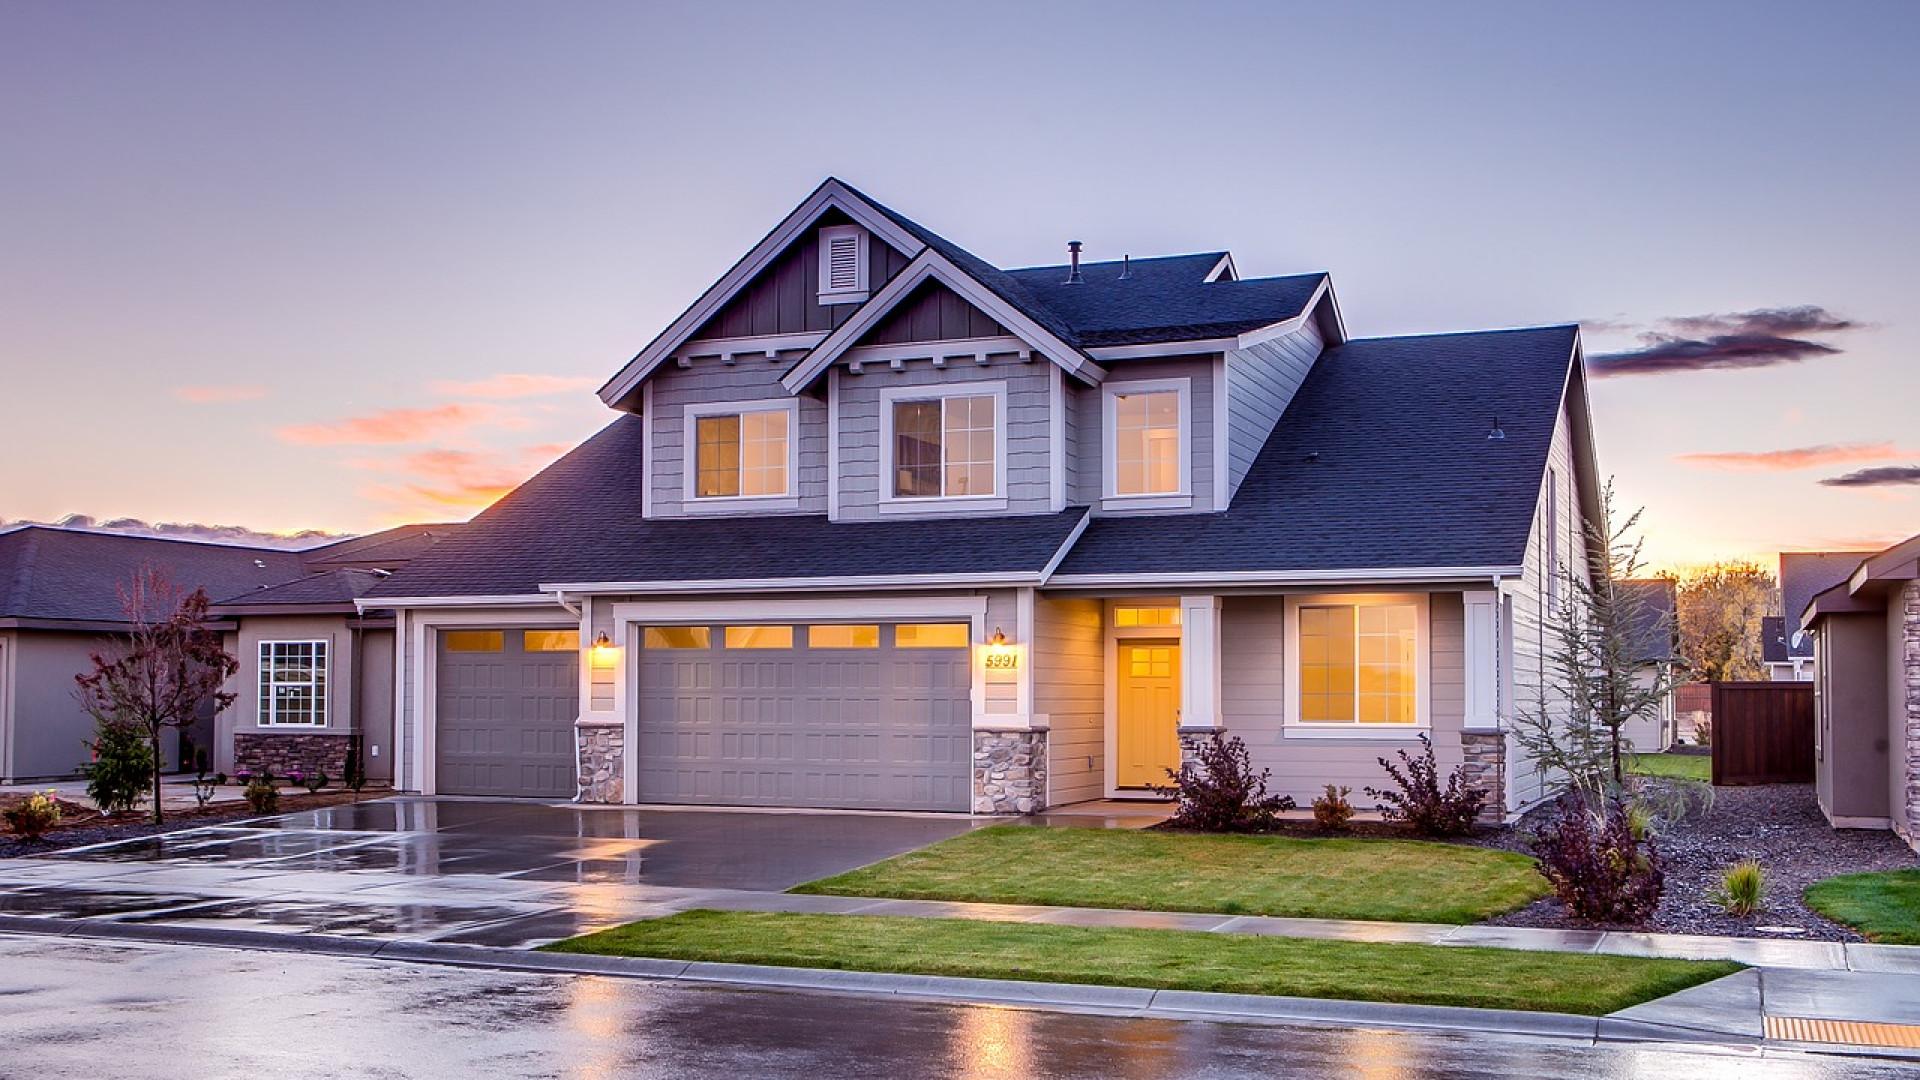 Pourquoi opter pour CRM immobilier dans la gestion de vos projets immobiliers ?